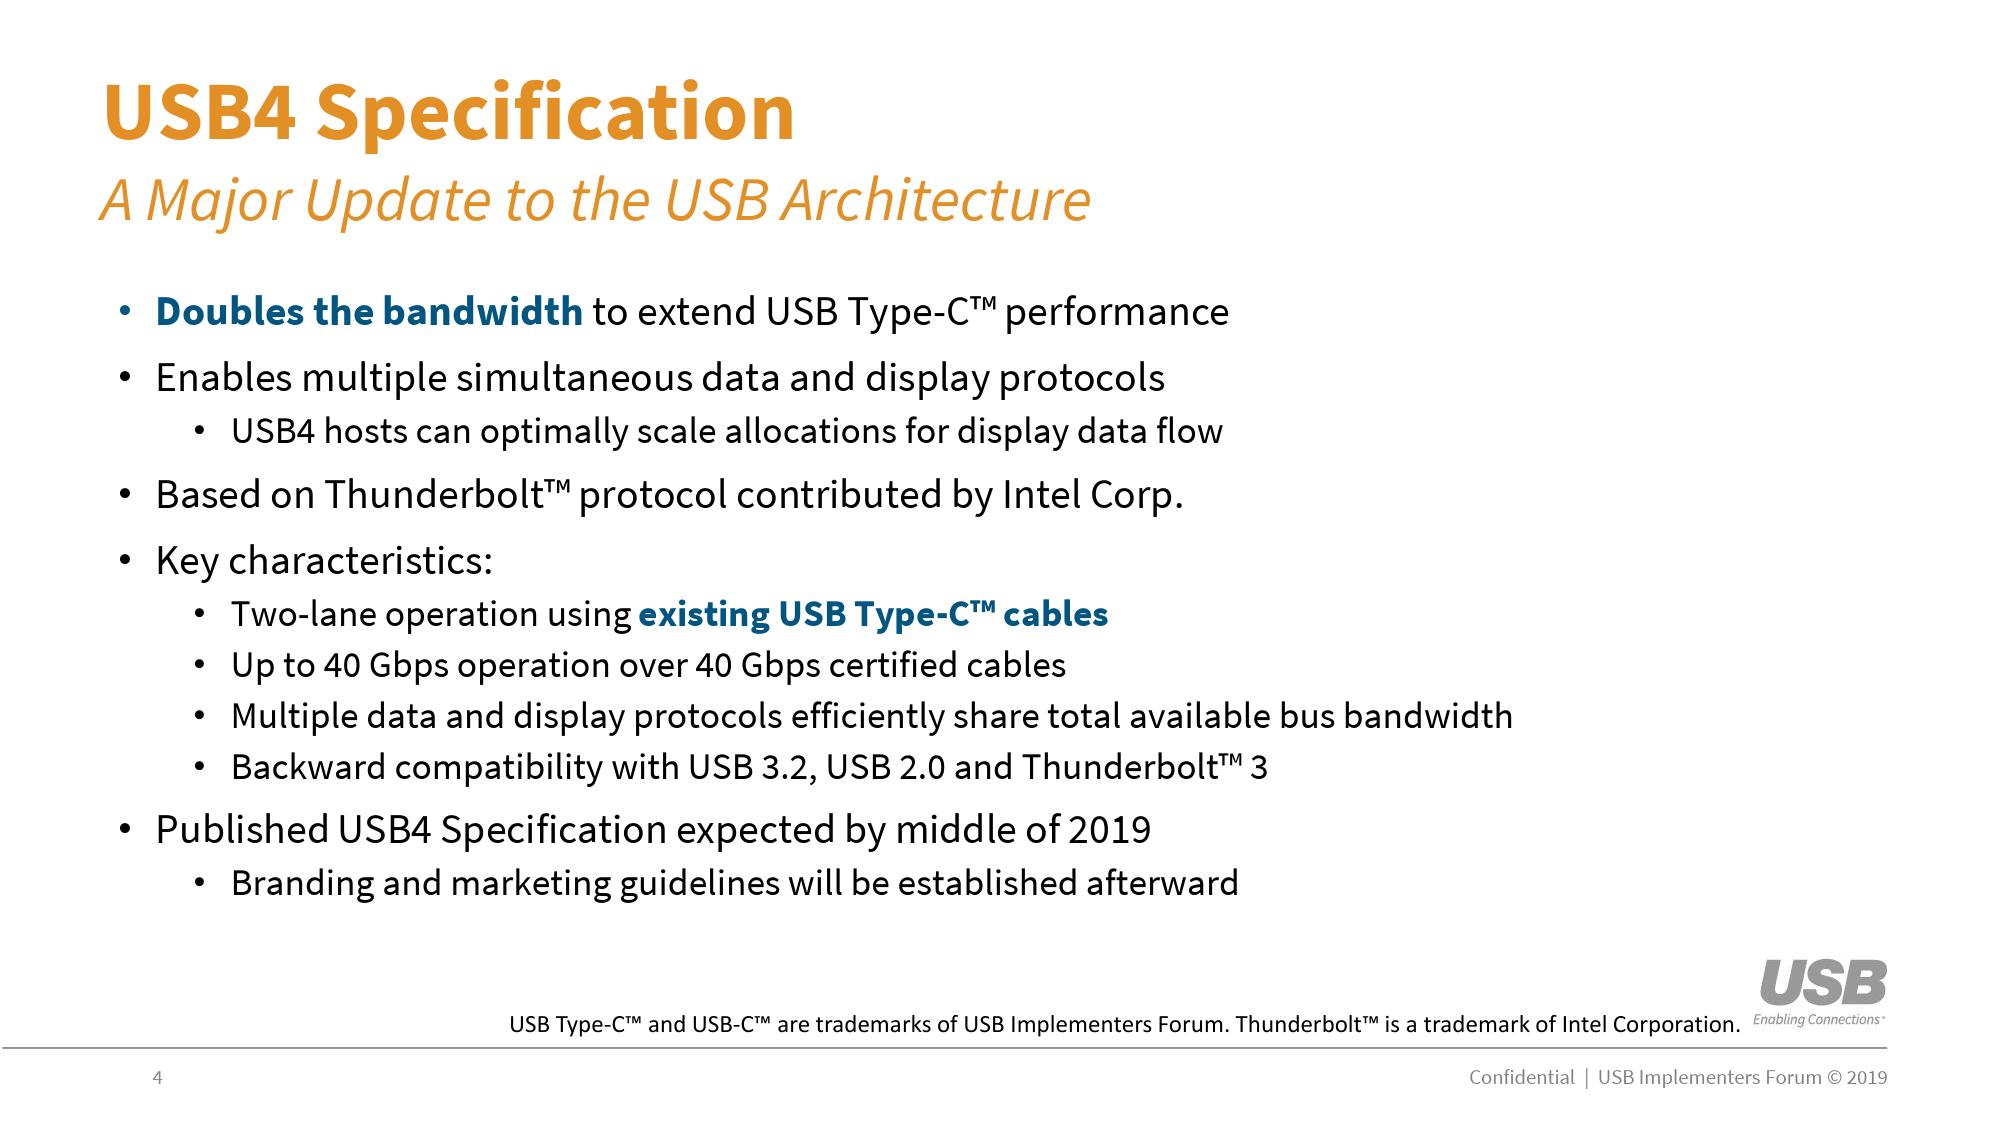 Флешки прискорить новий порт USB 4.0: оголошена дата виходу